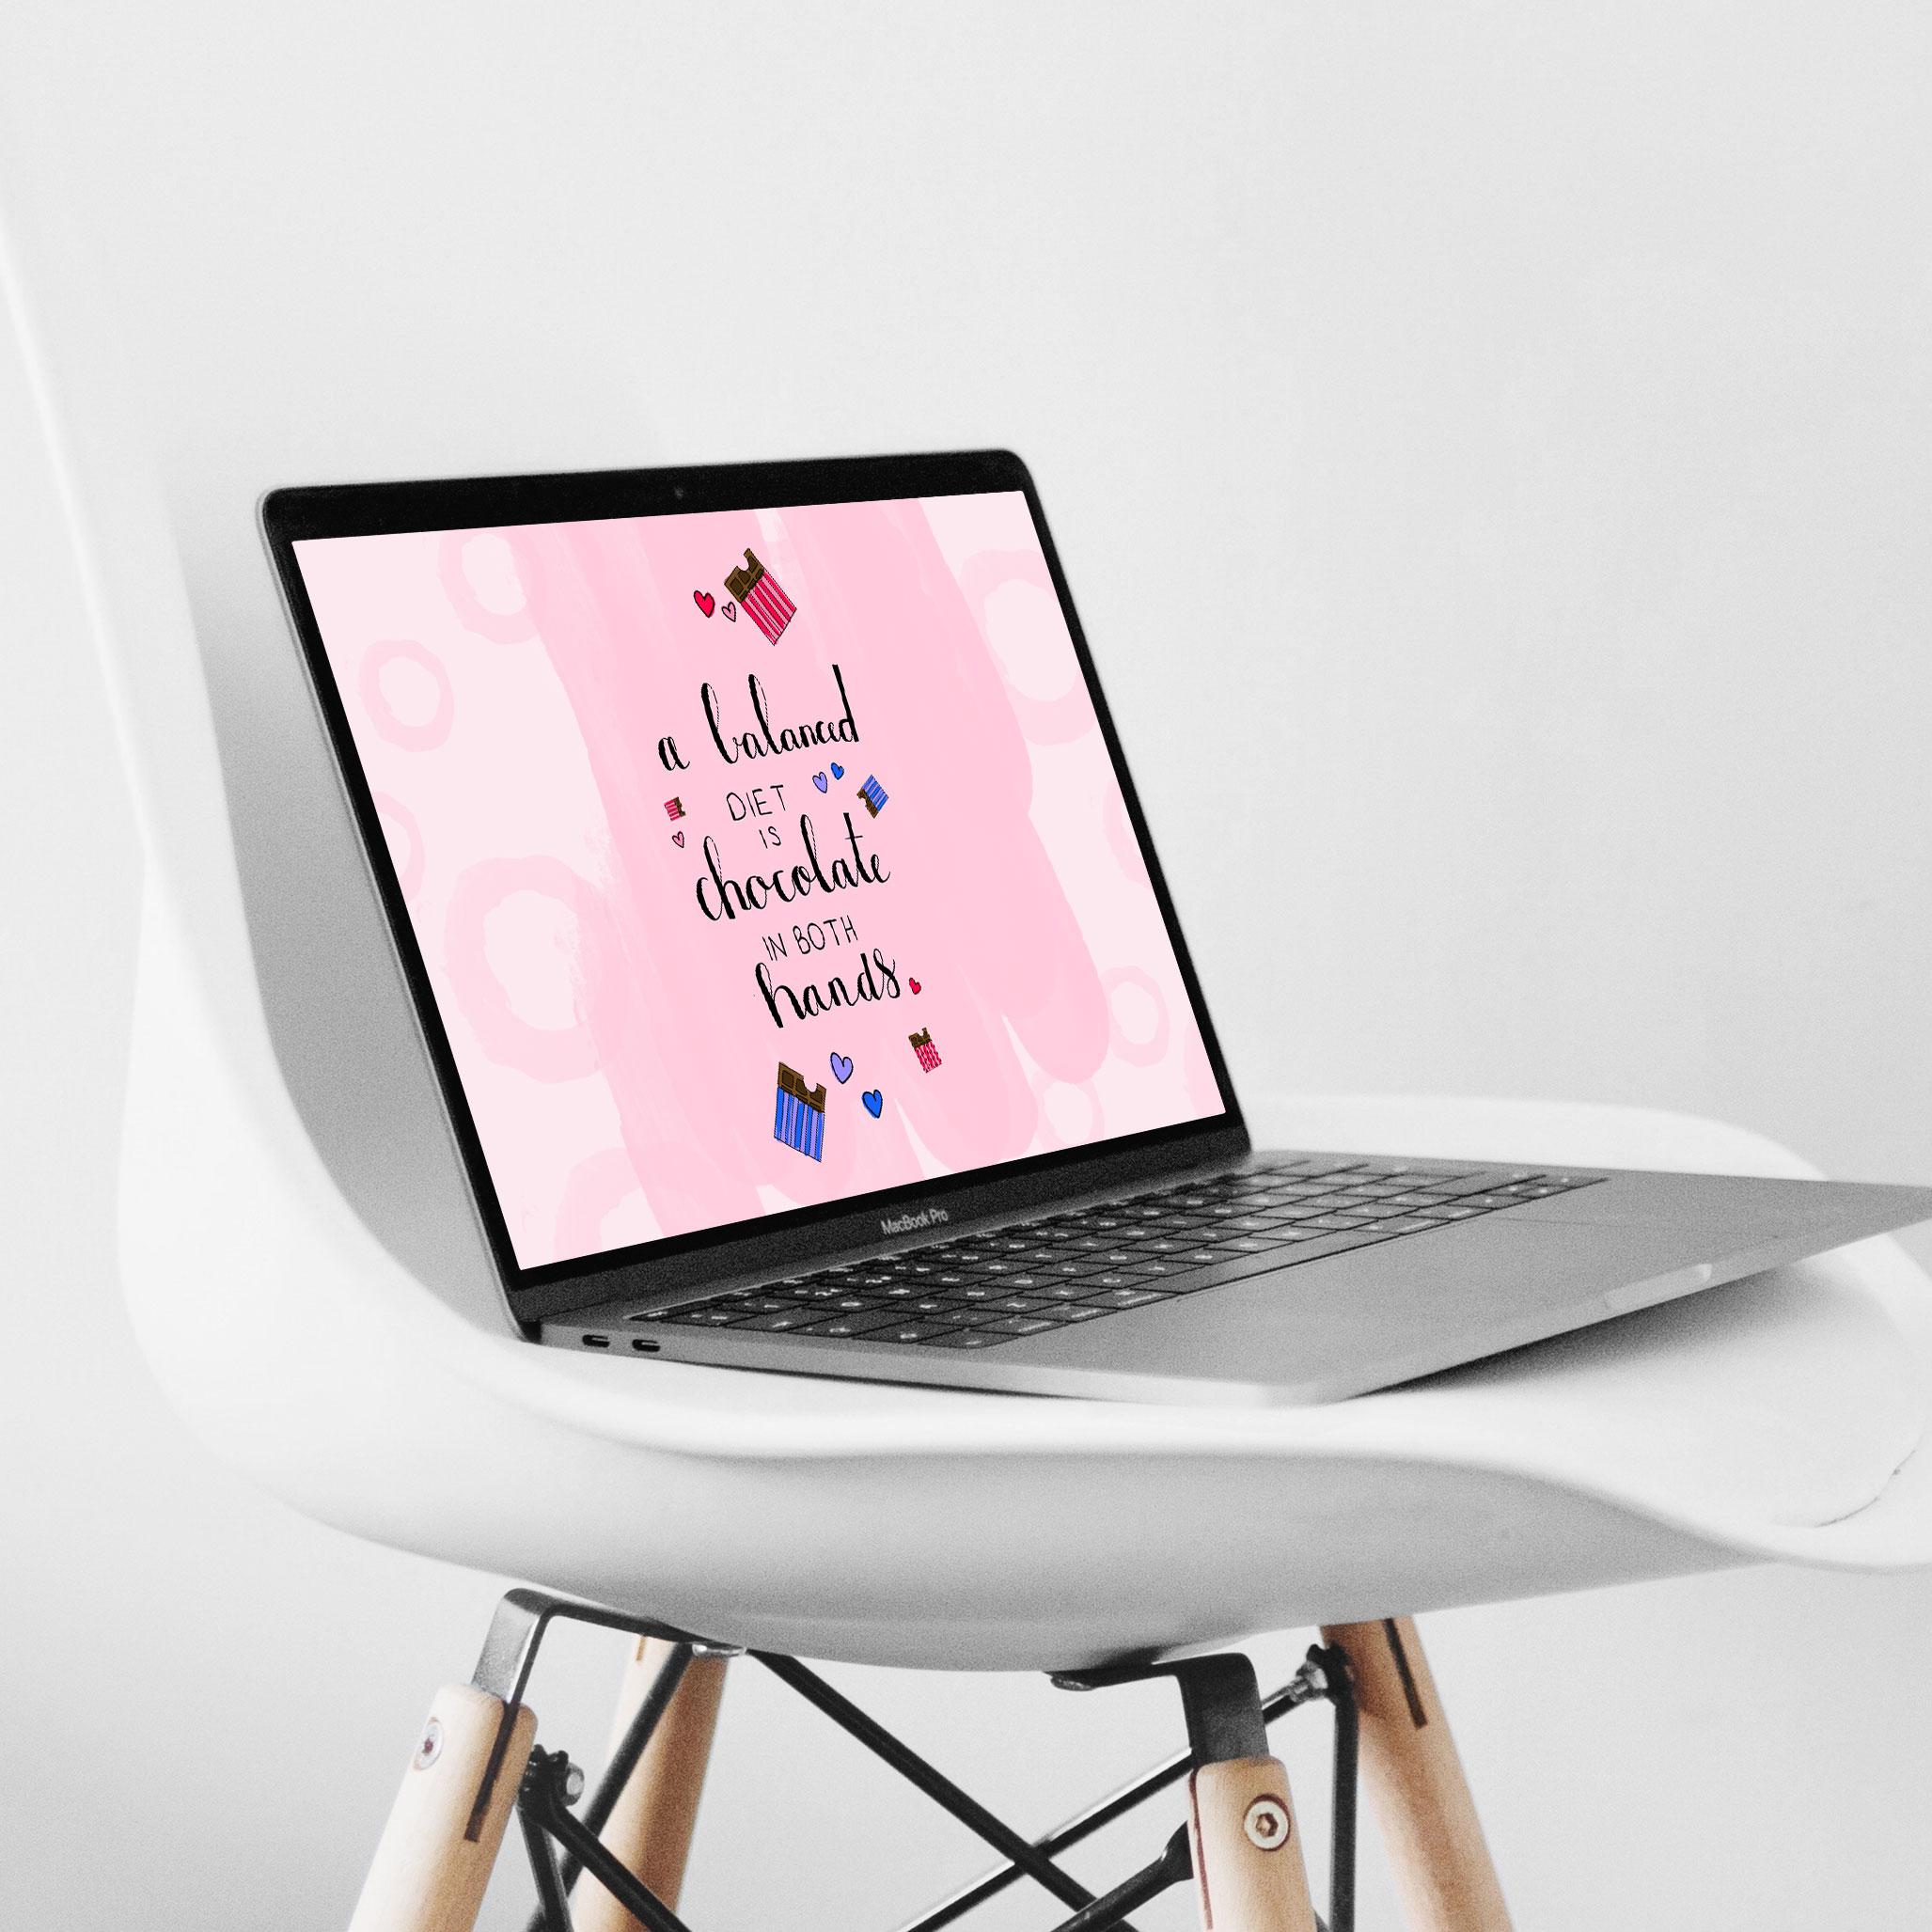 Nieuwe Stijl Grafische Vormgeving Putten Ontwerp Goedkoop Reclame Veluwe Logo Drukwerk Wallpaper Illustratie Desktop chocola